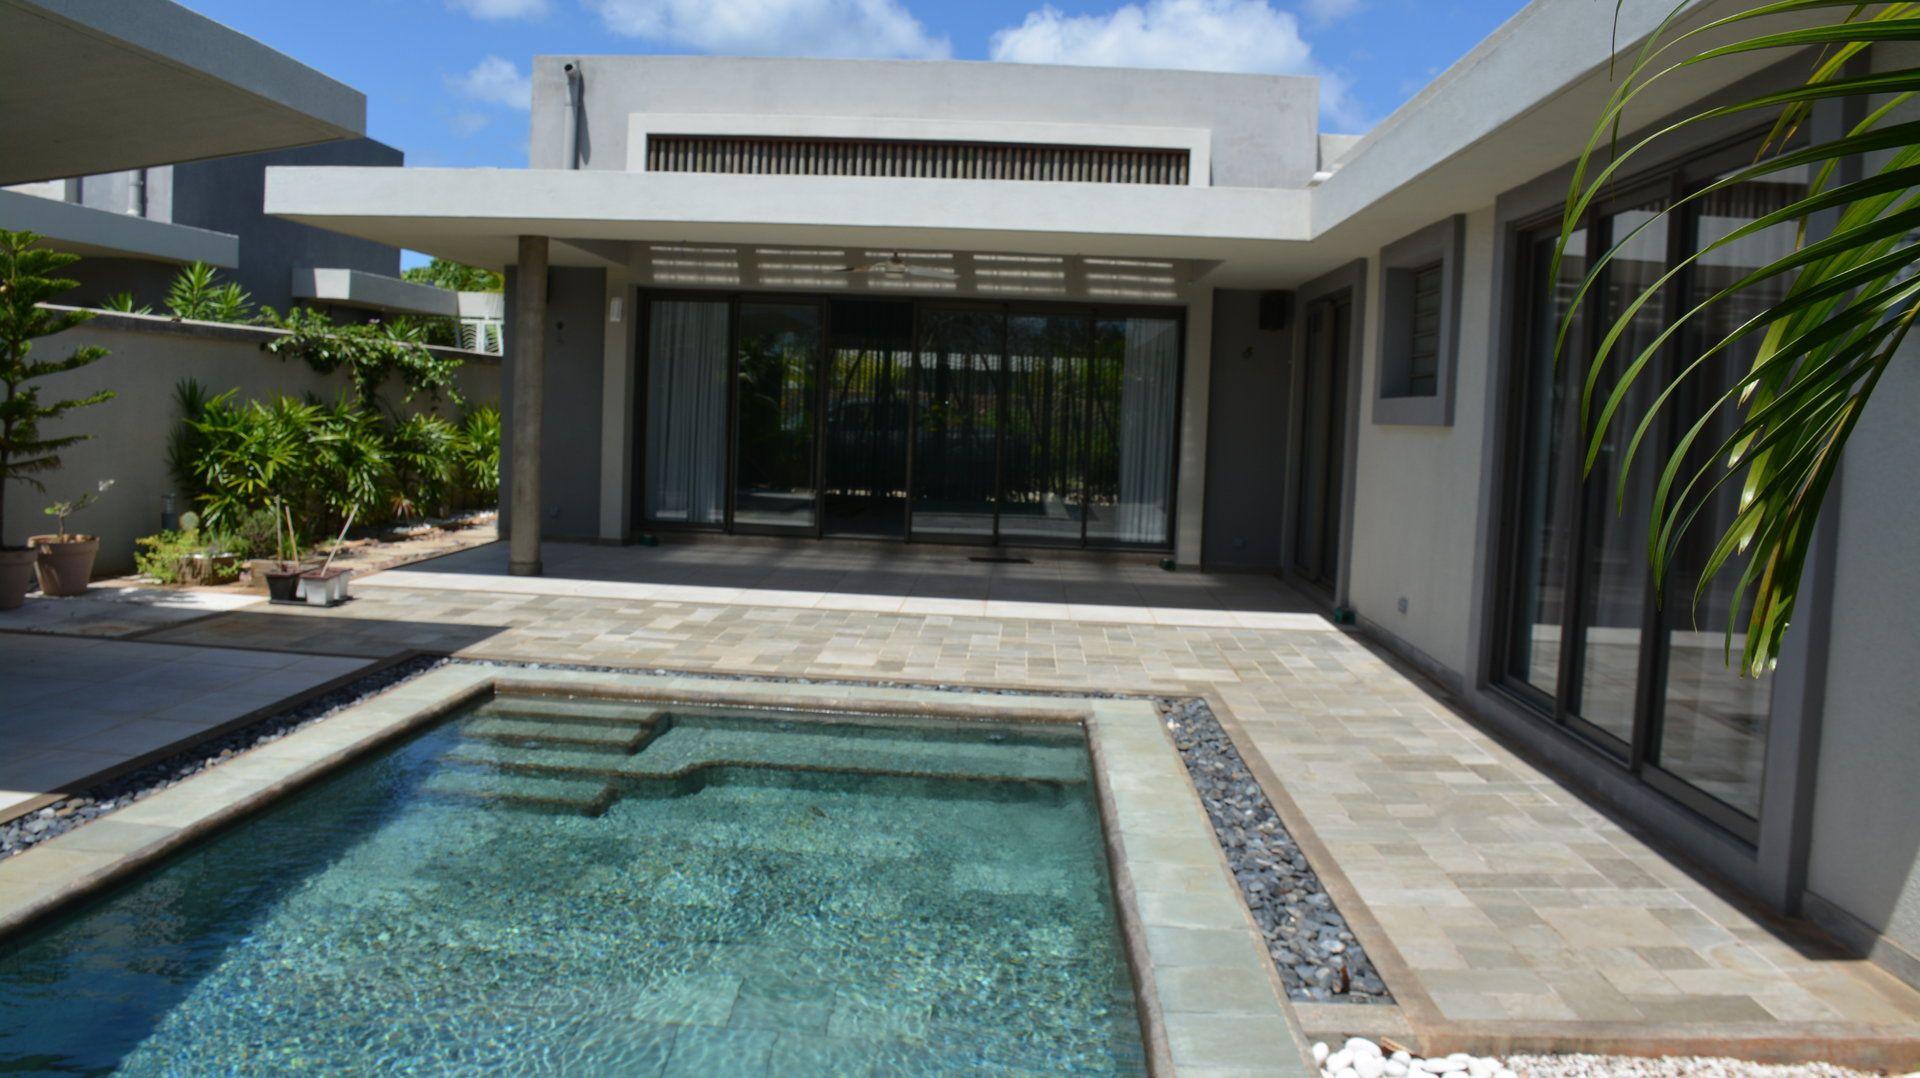 Maison à vendre 4 223m2 à Ile Maurice vignette-4